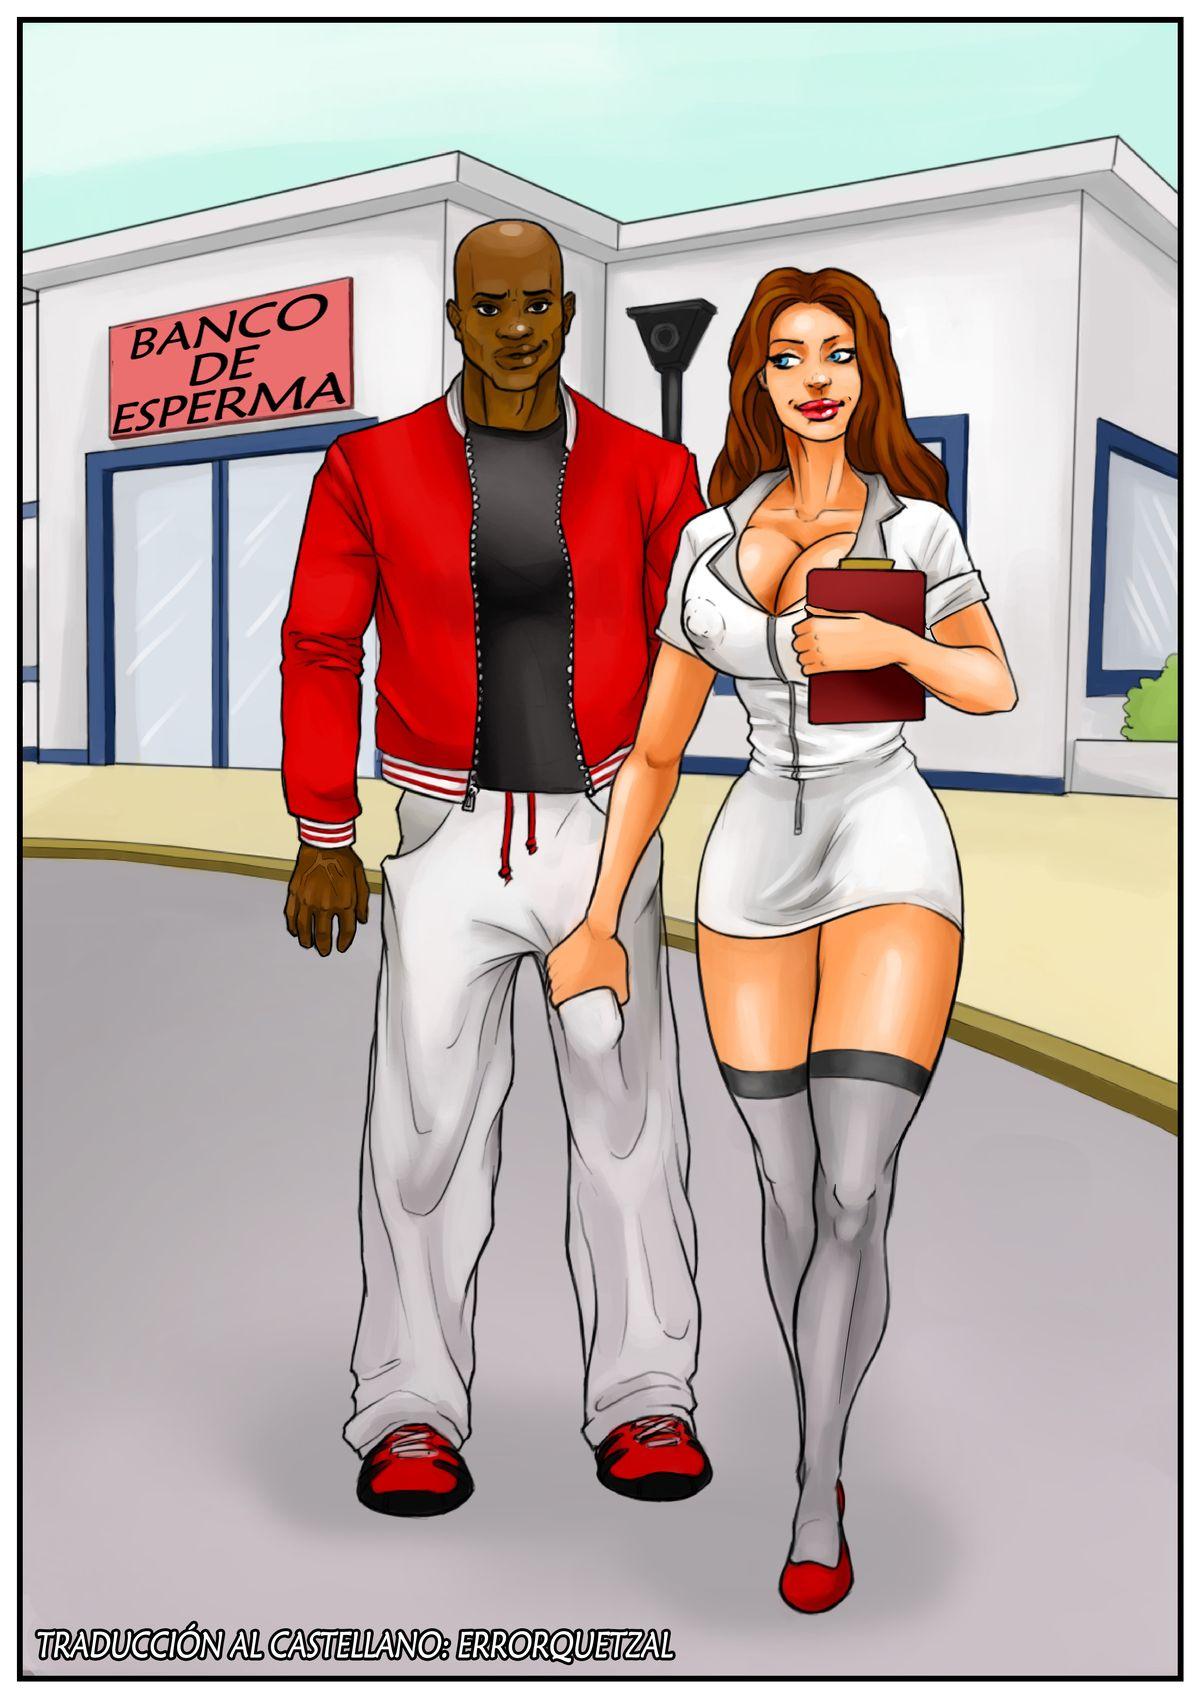 Cómic porno interracial. Banco de Esperma 01